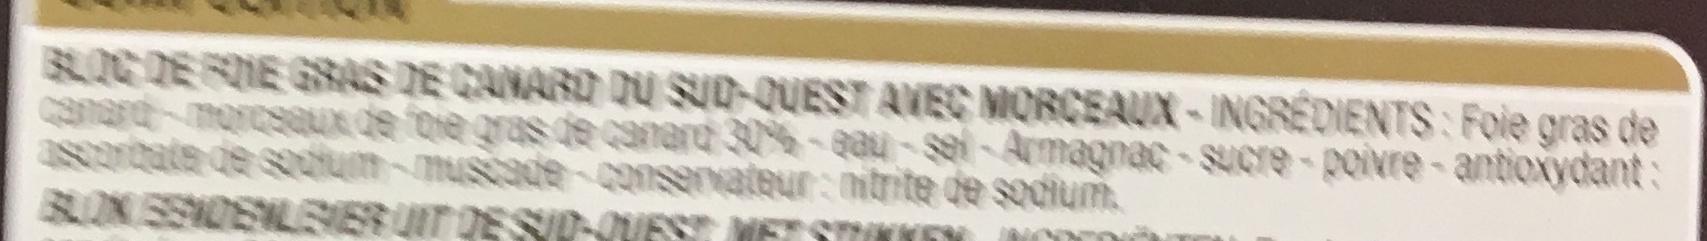 Bloc de Foie gras de canard du Sud-Ouest - Ingredients